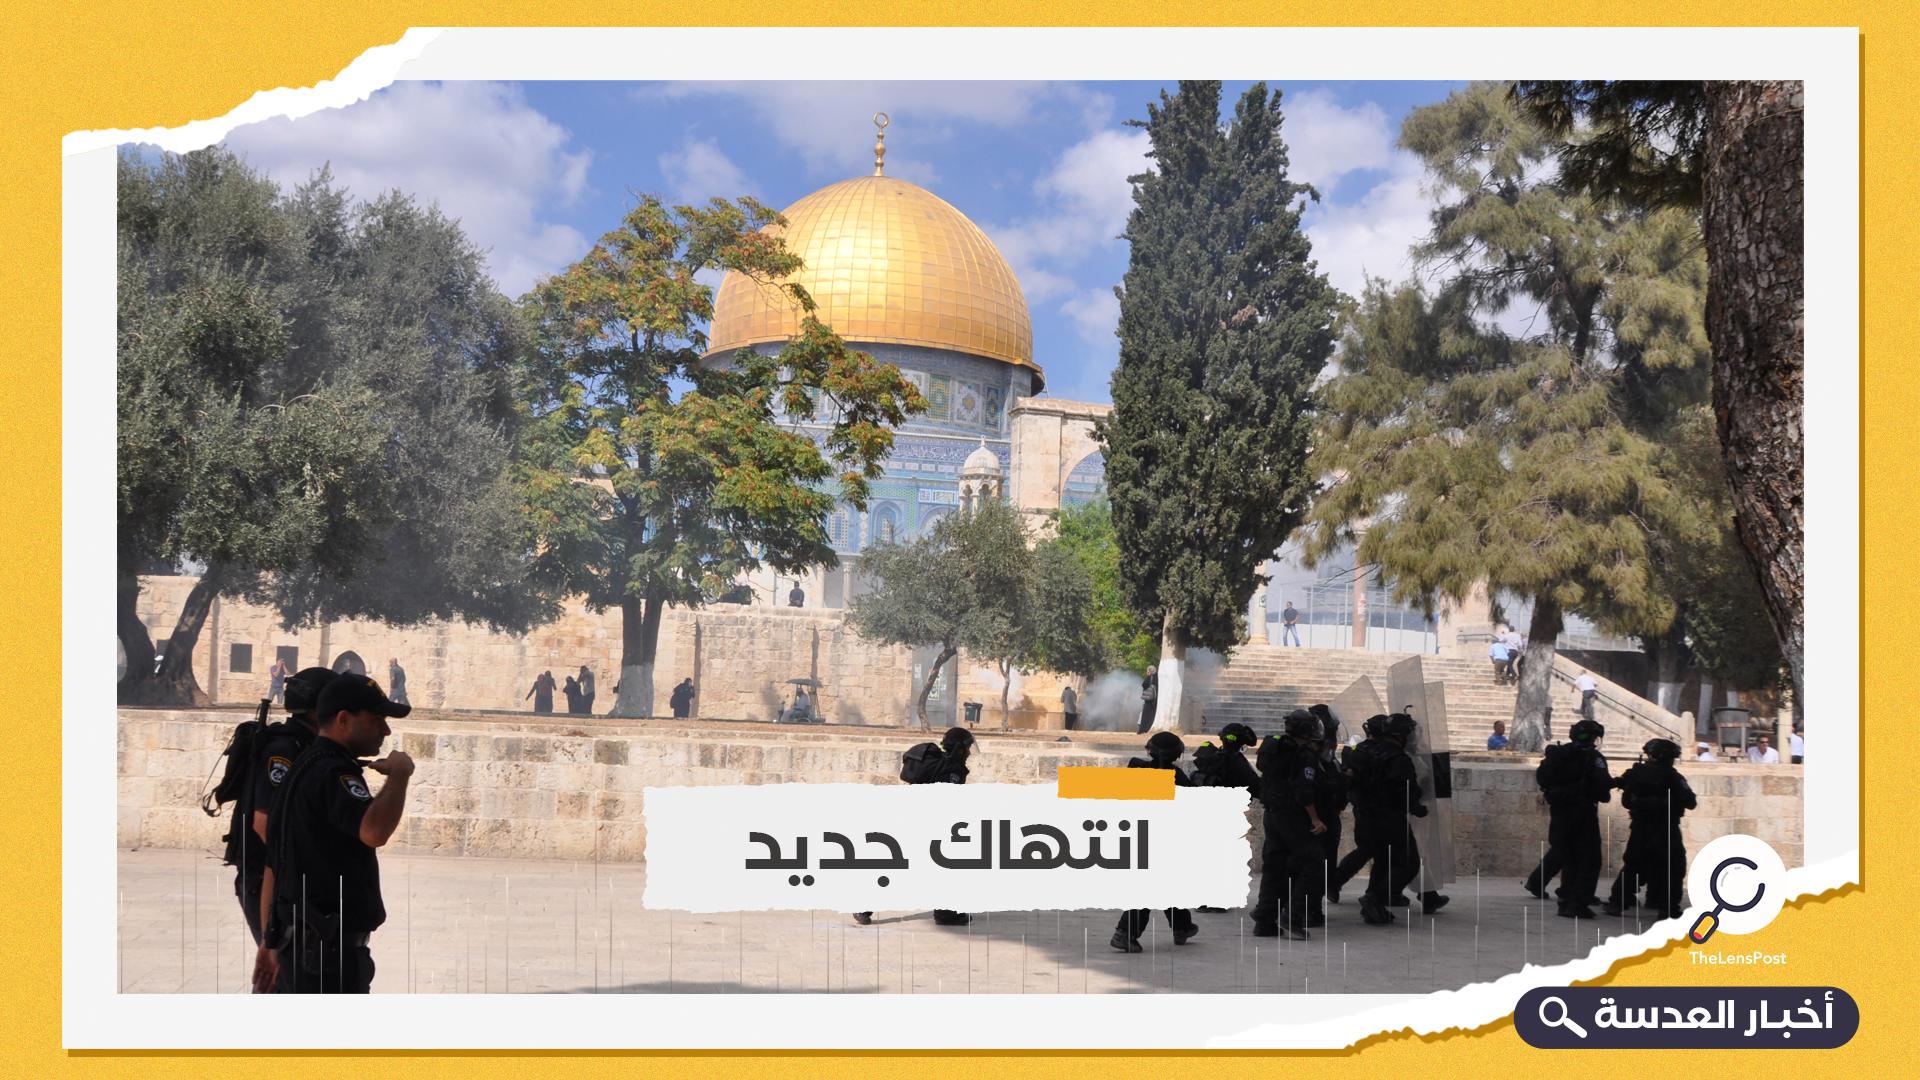 فلسطين.. الاحتلال يوقف أعمال ترميم قبة الصخرة المشرفة